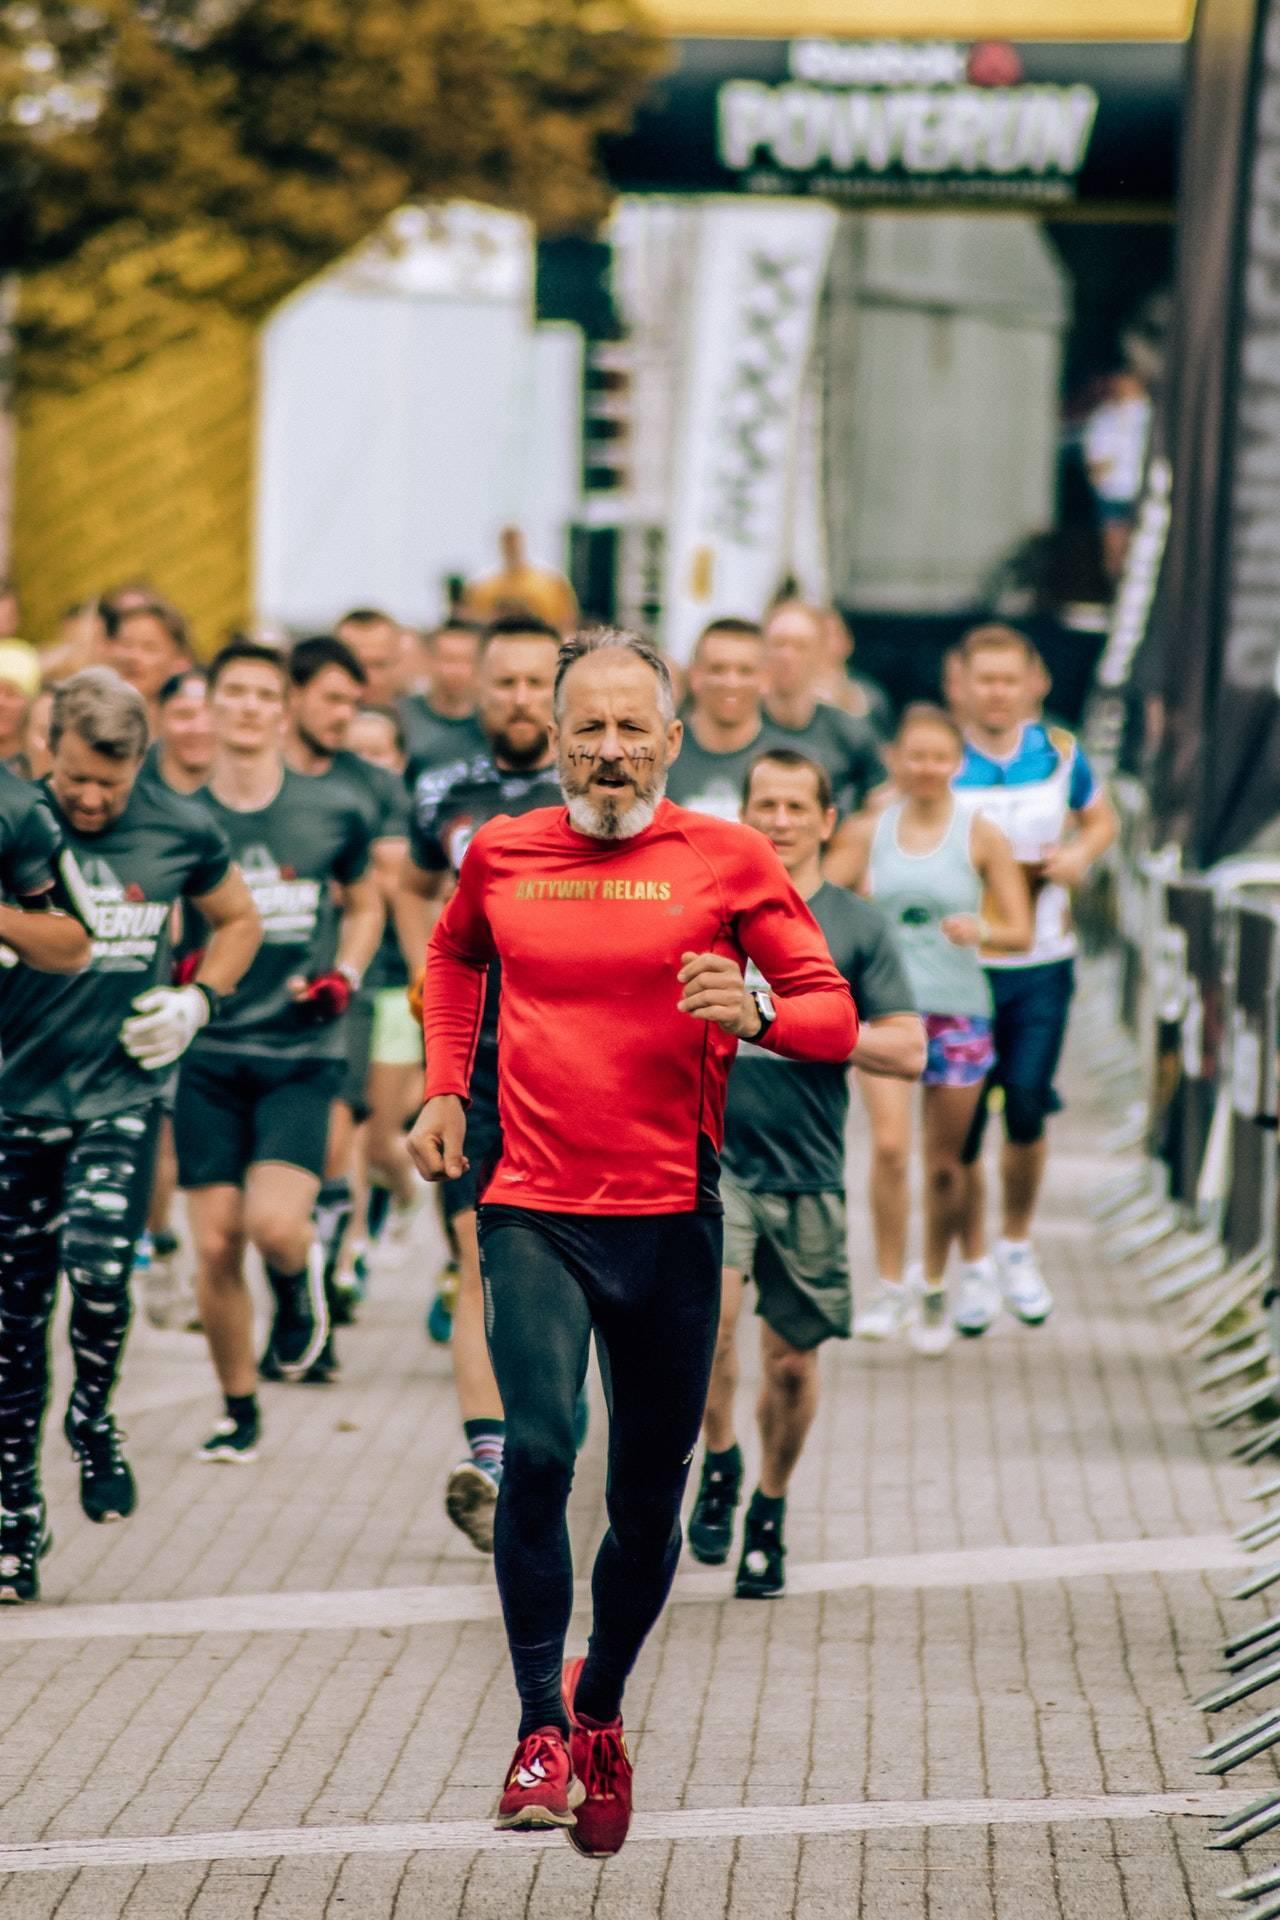 Older man running a marathon among other runners